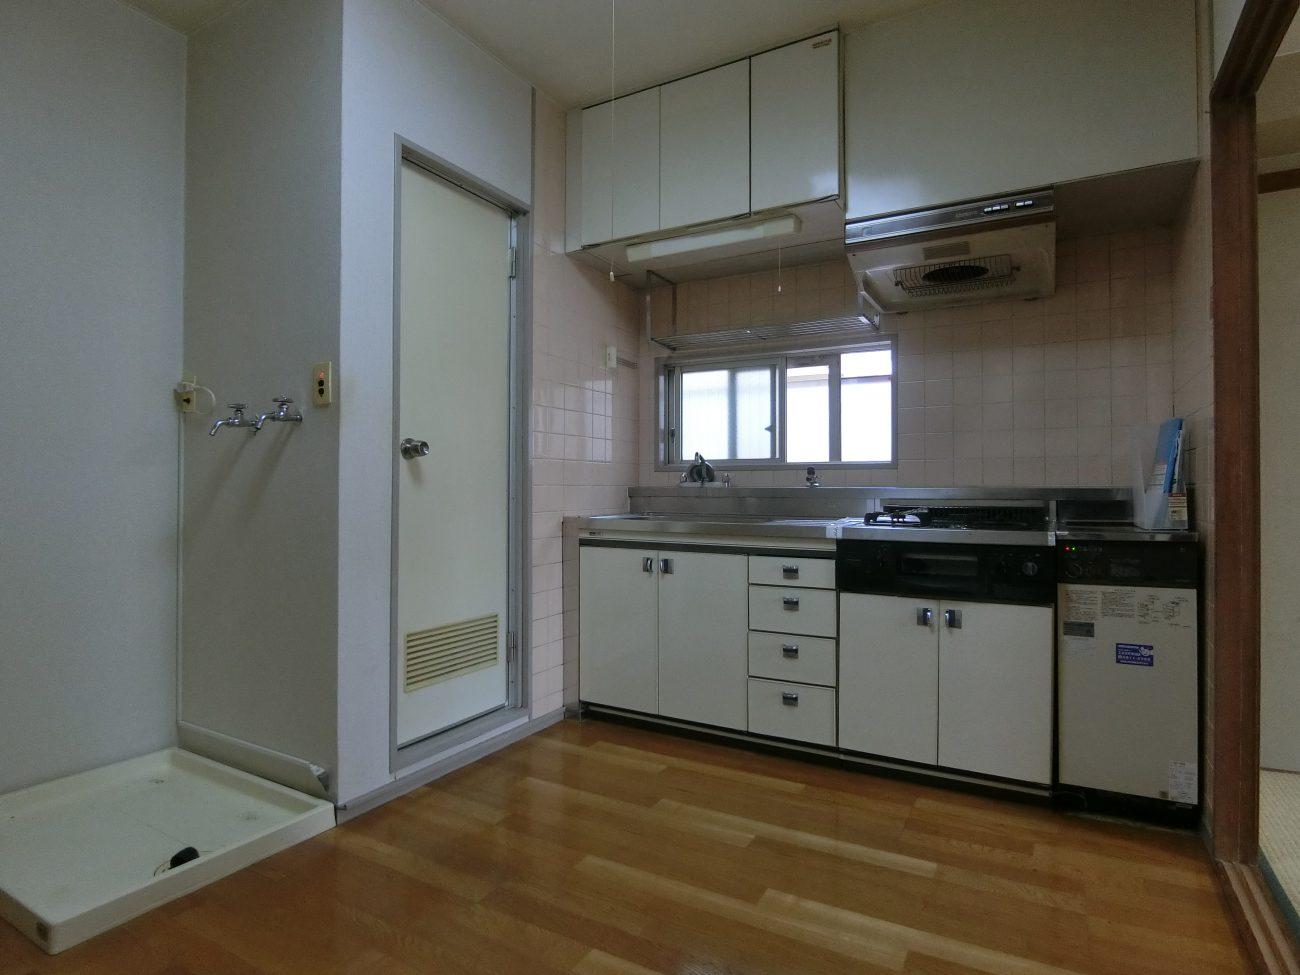 新大塚 築43年の3点UB 2DKマンションを躯体表しリノベで、賃料3.5万アップの画像